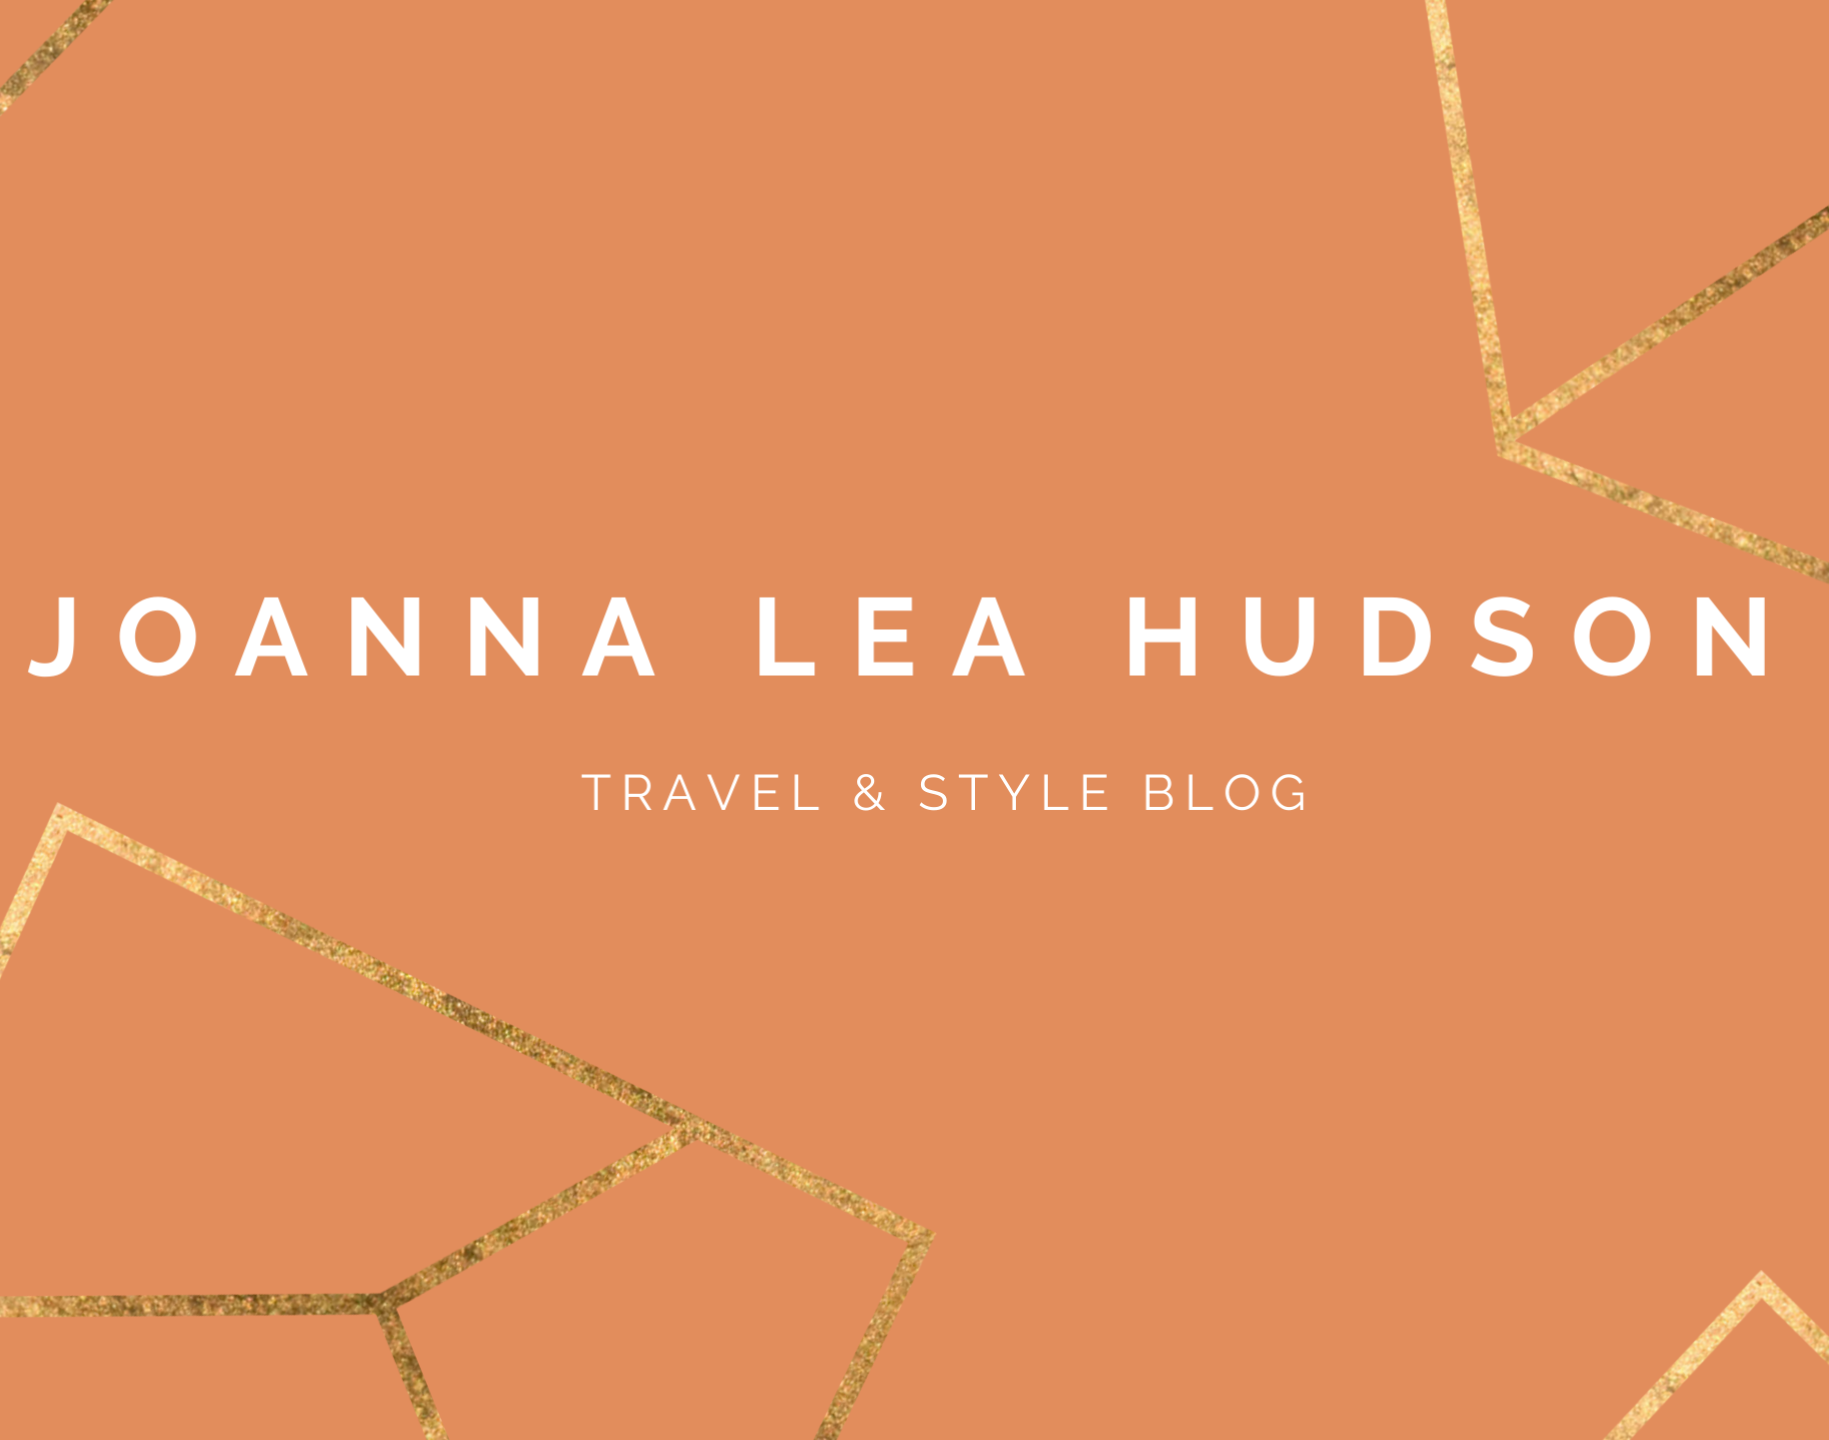 Joanna Lea Hudson